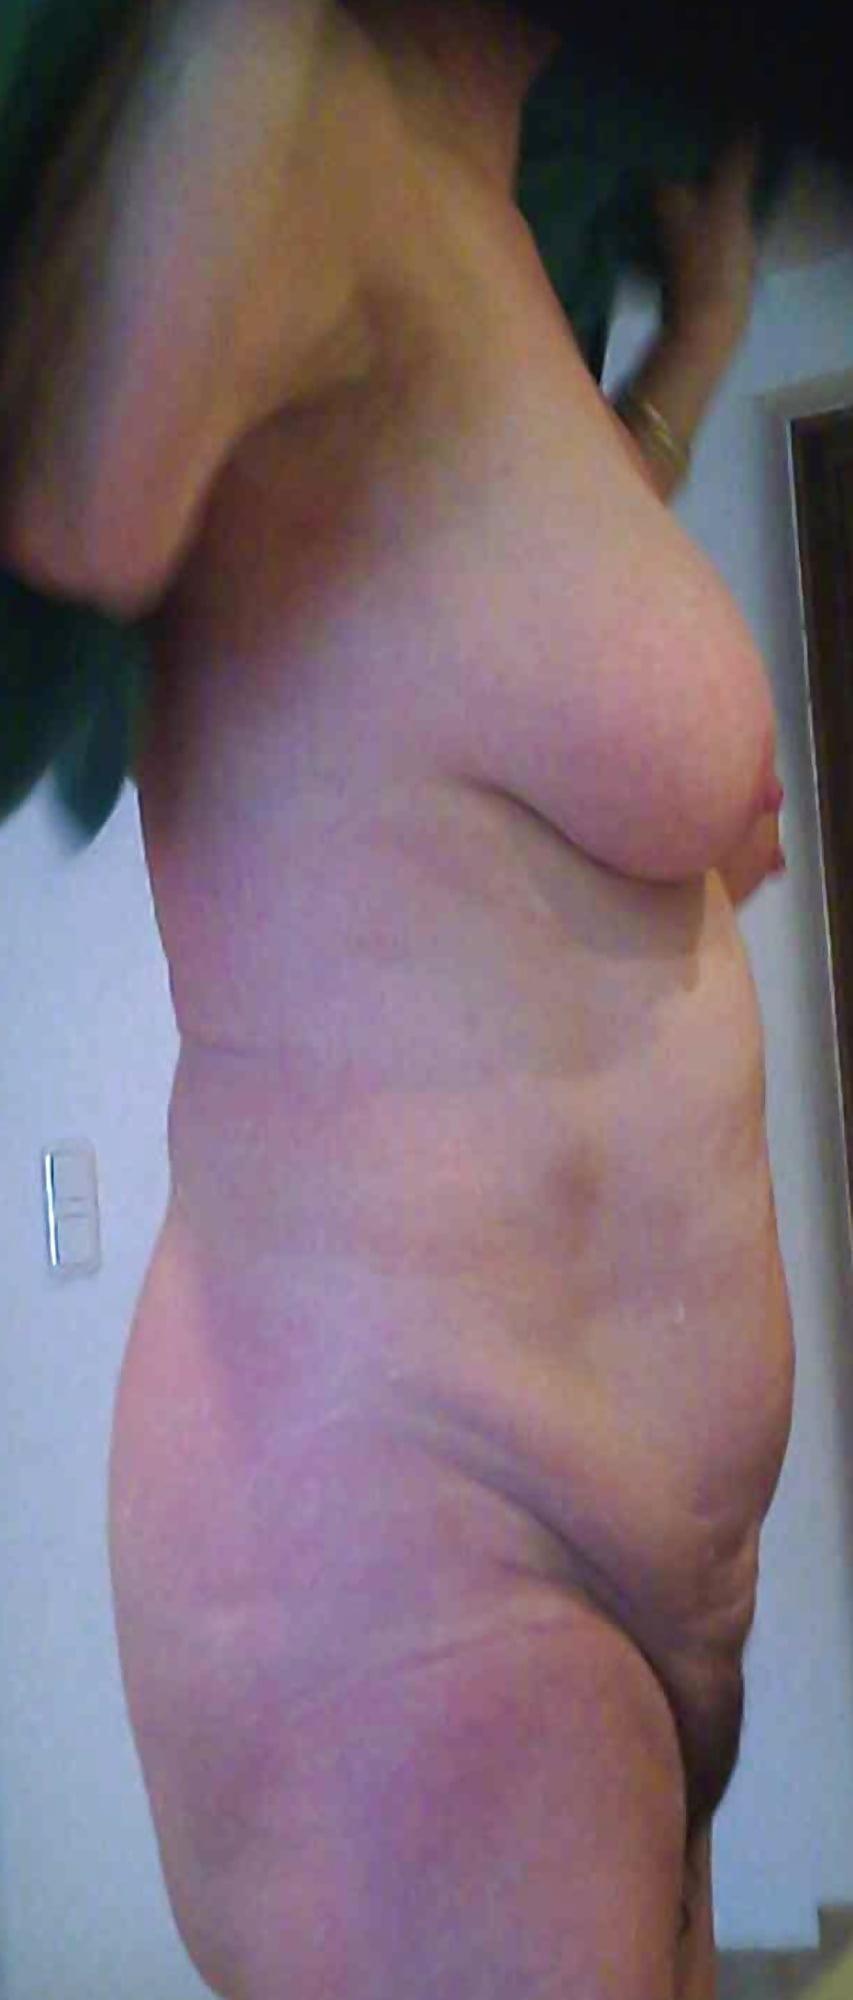 Big tit grannys pics-7583